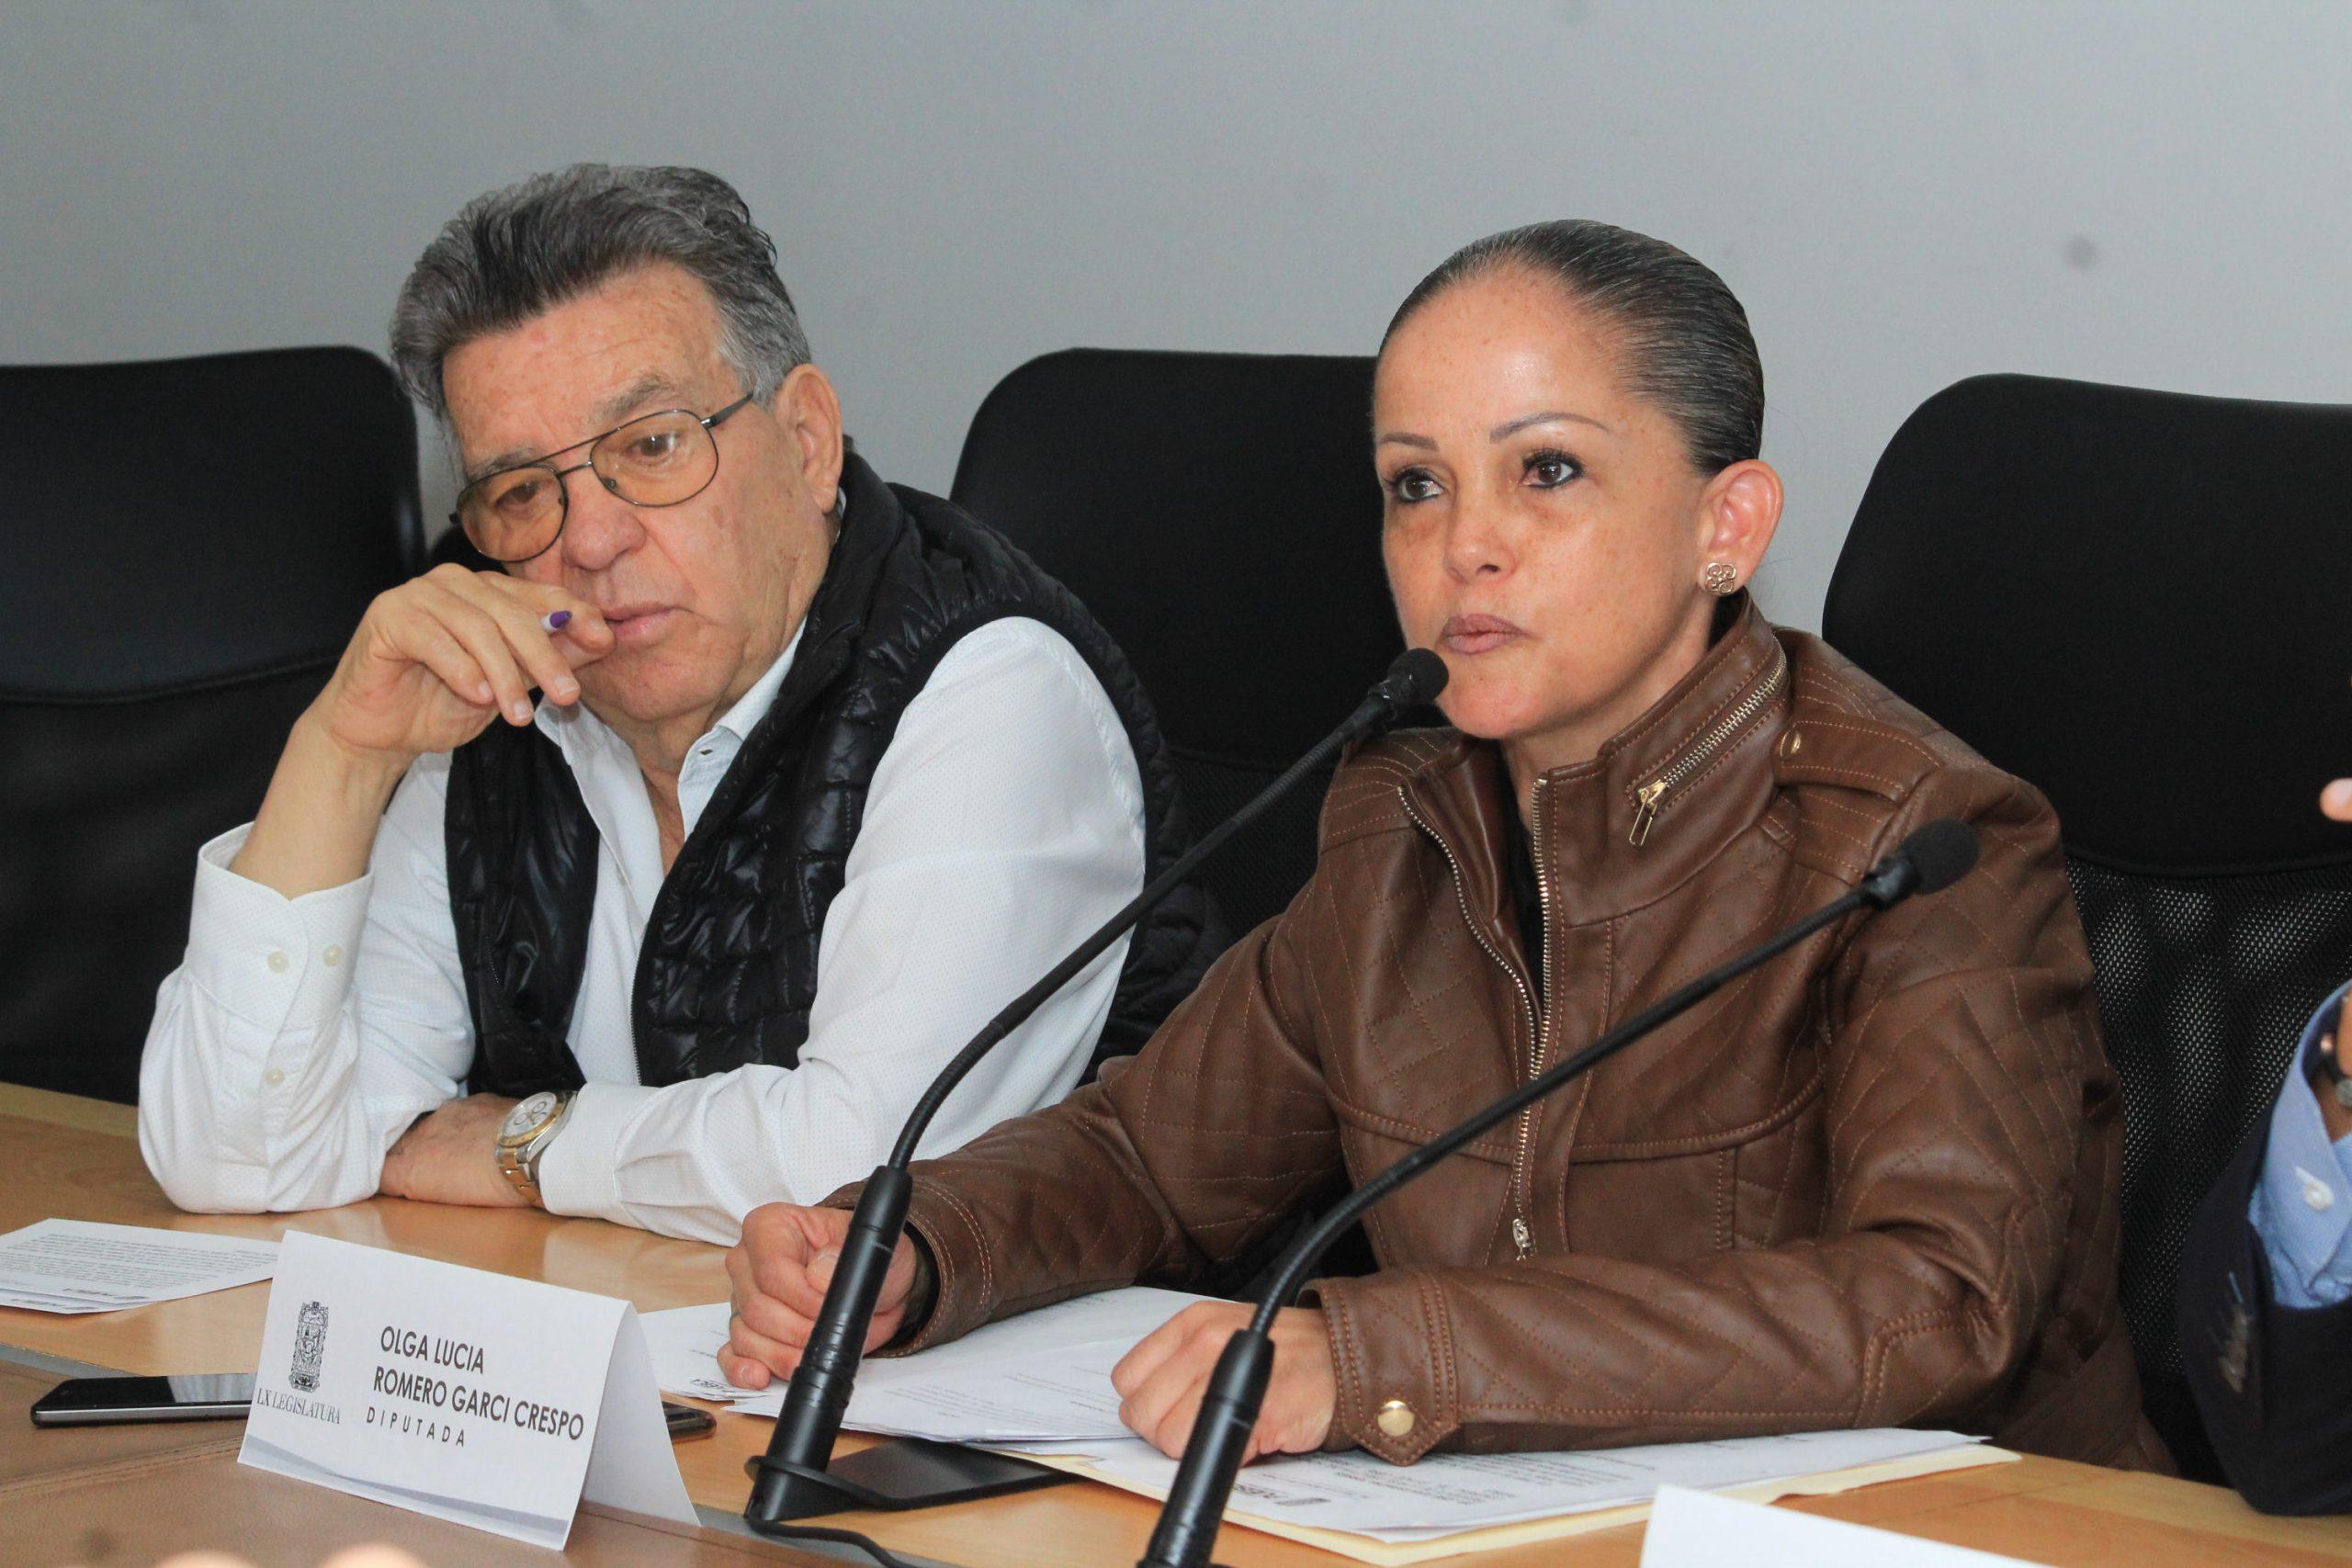 Comparecencia de Claudia Rivera es un ejercicio de rendición de cuentas: Romero Garci Crespo